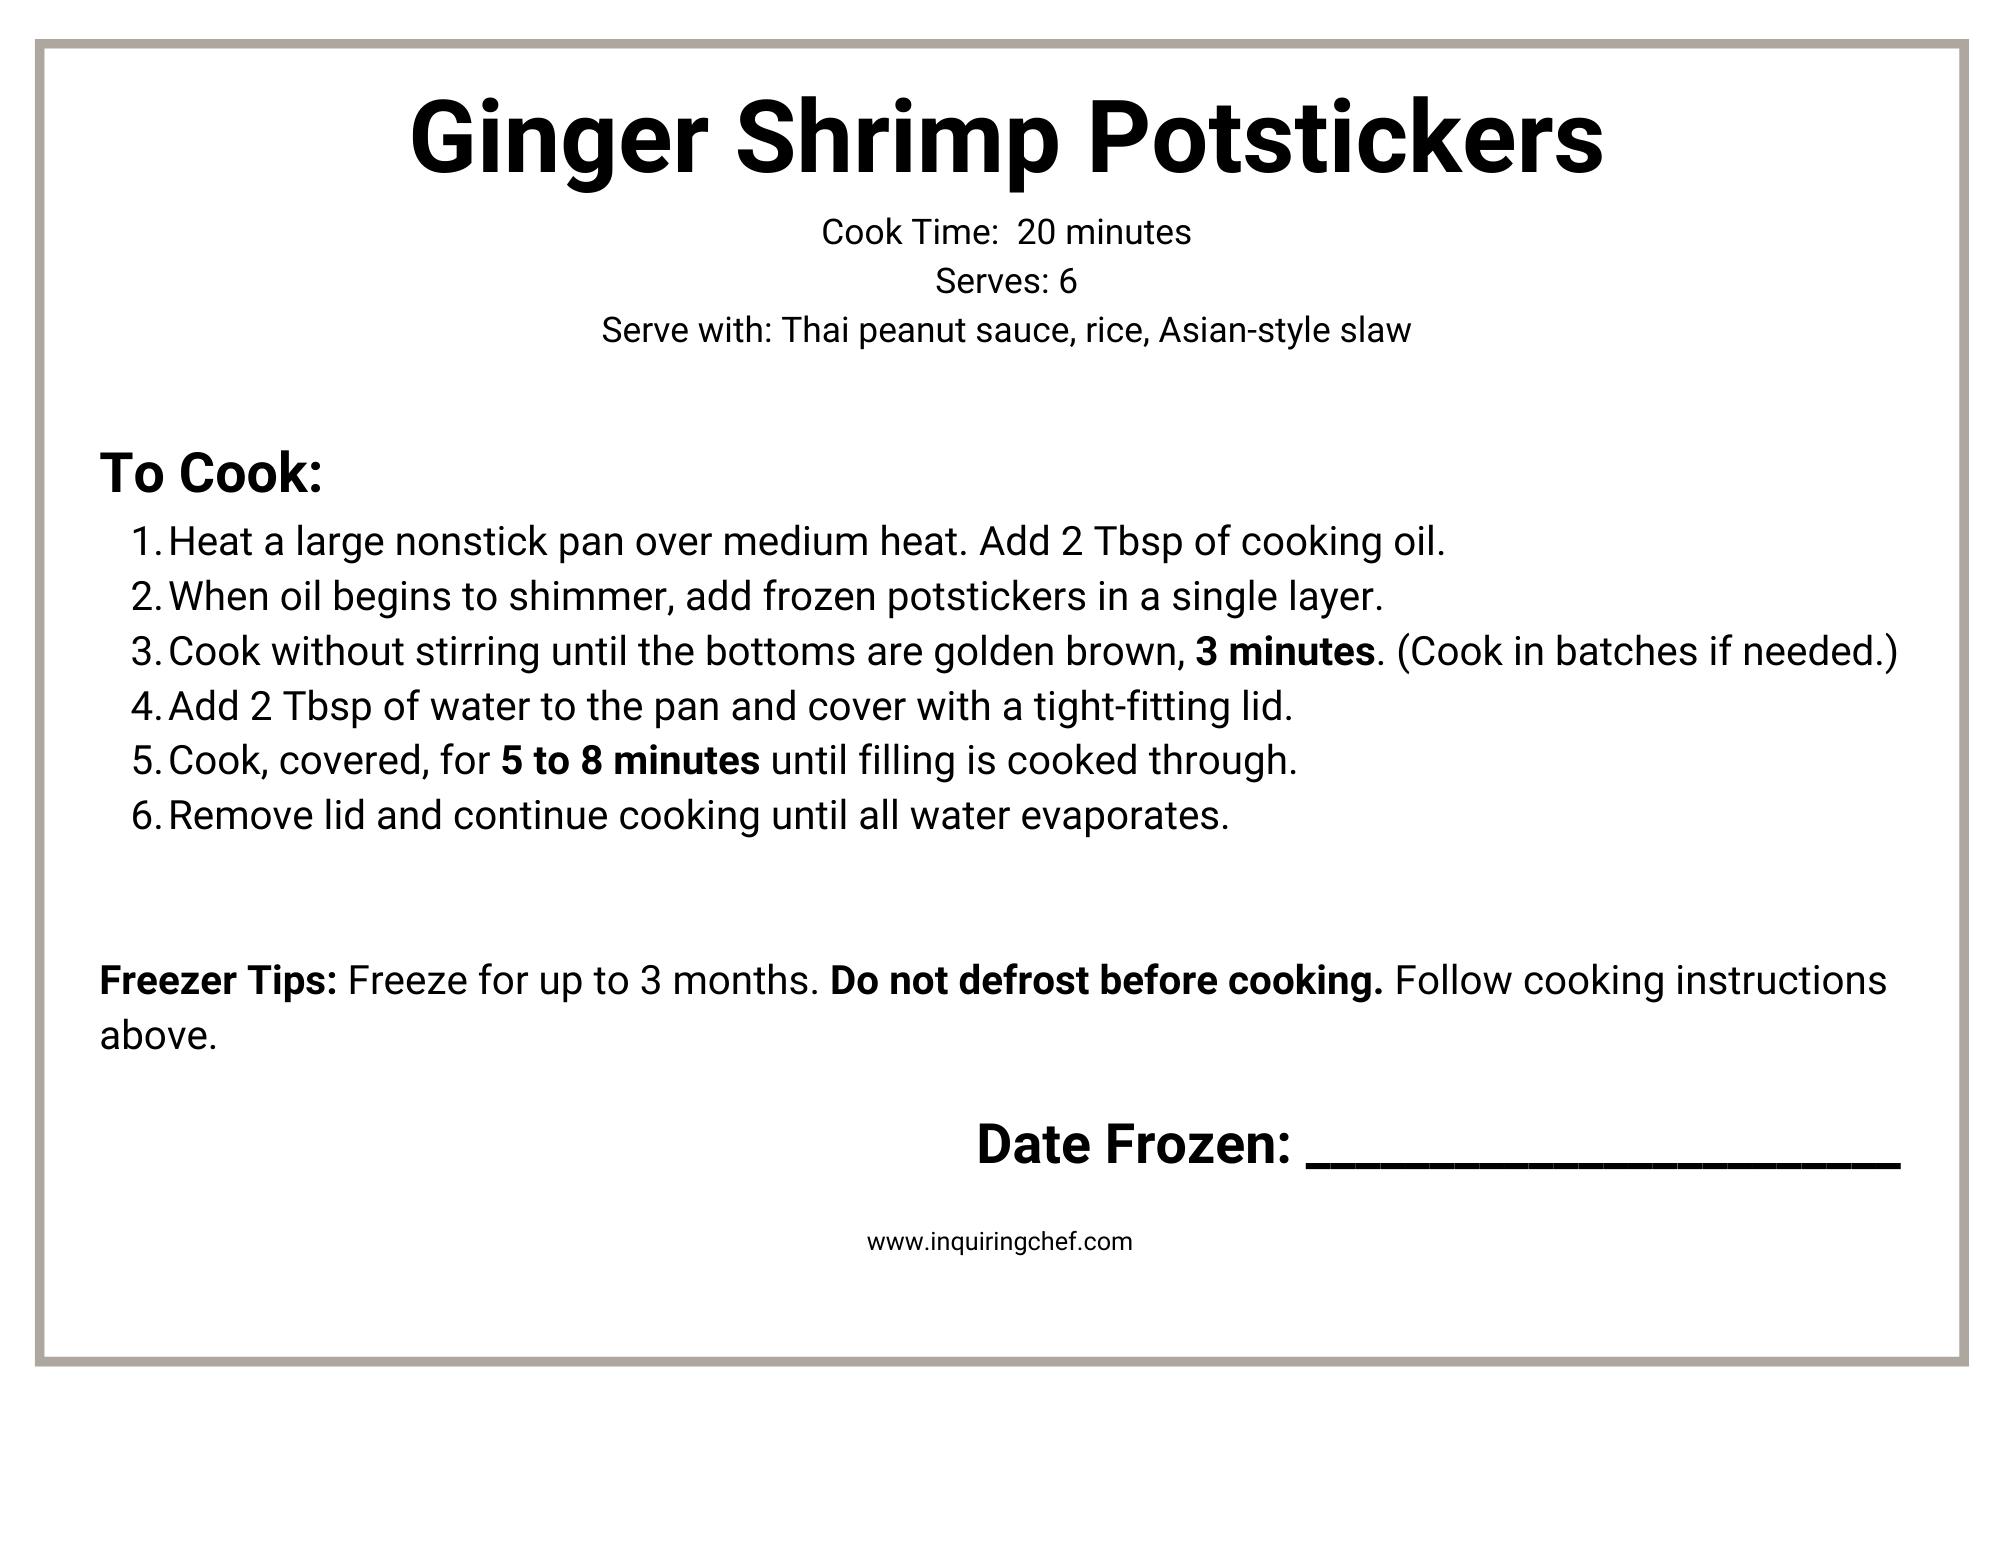 ginger shrimp potstickers freezer label